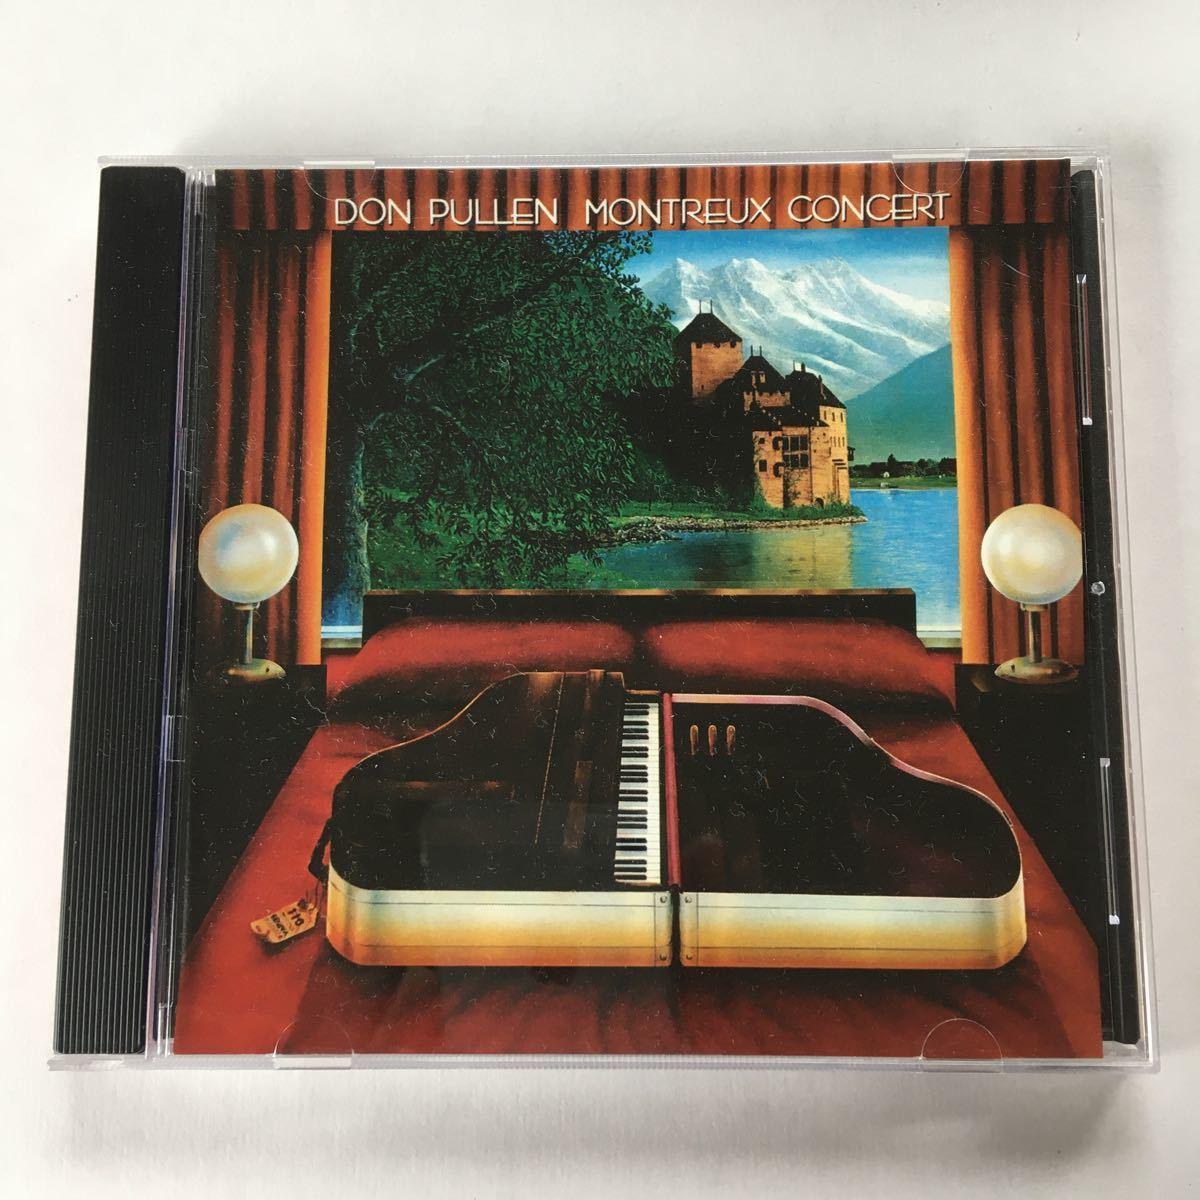 【送料無料】 Don Pullen Montreux Concert ドン・ピューレン モントルー・コンサート CD_画像1